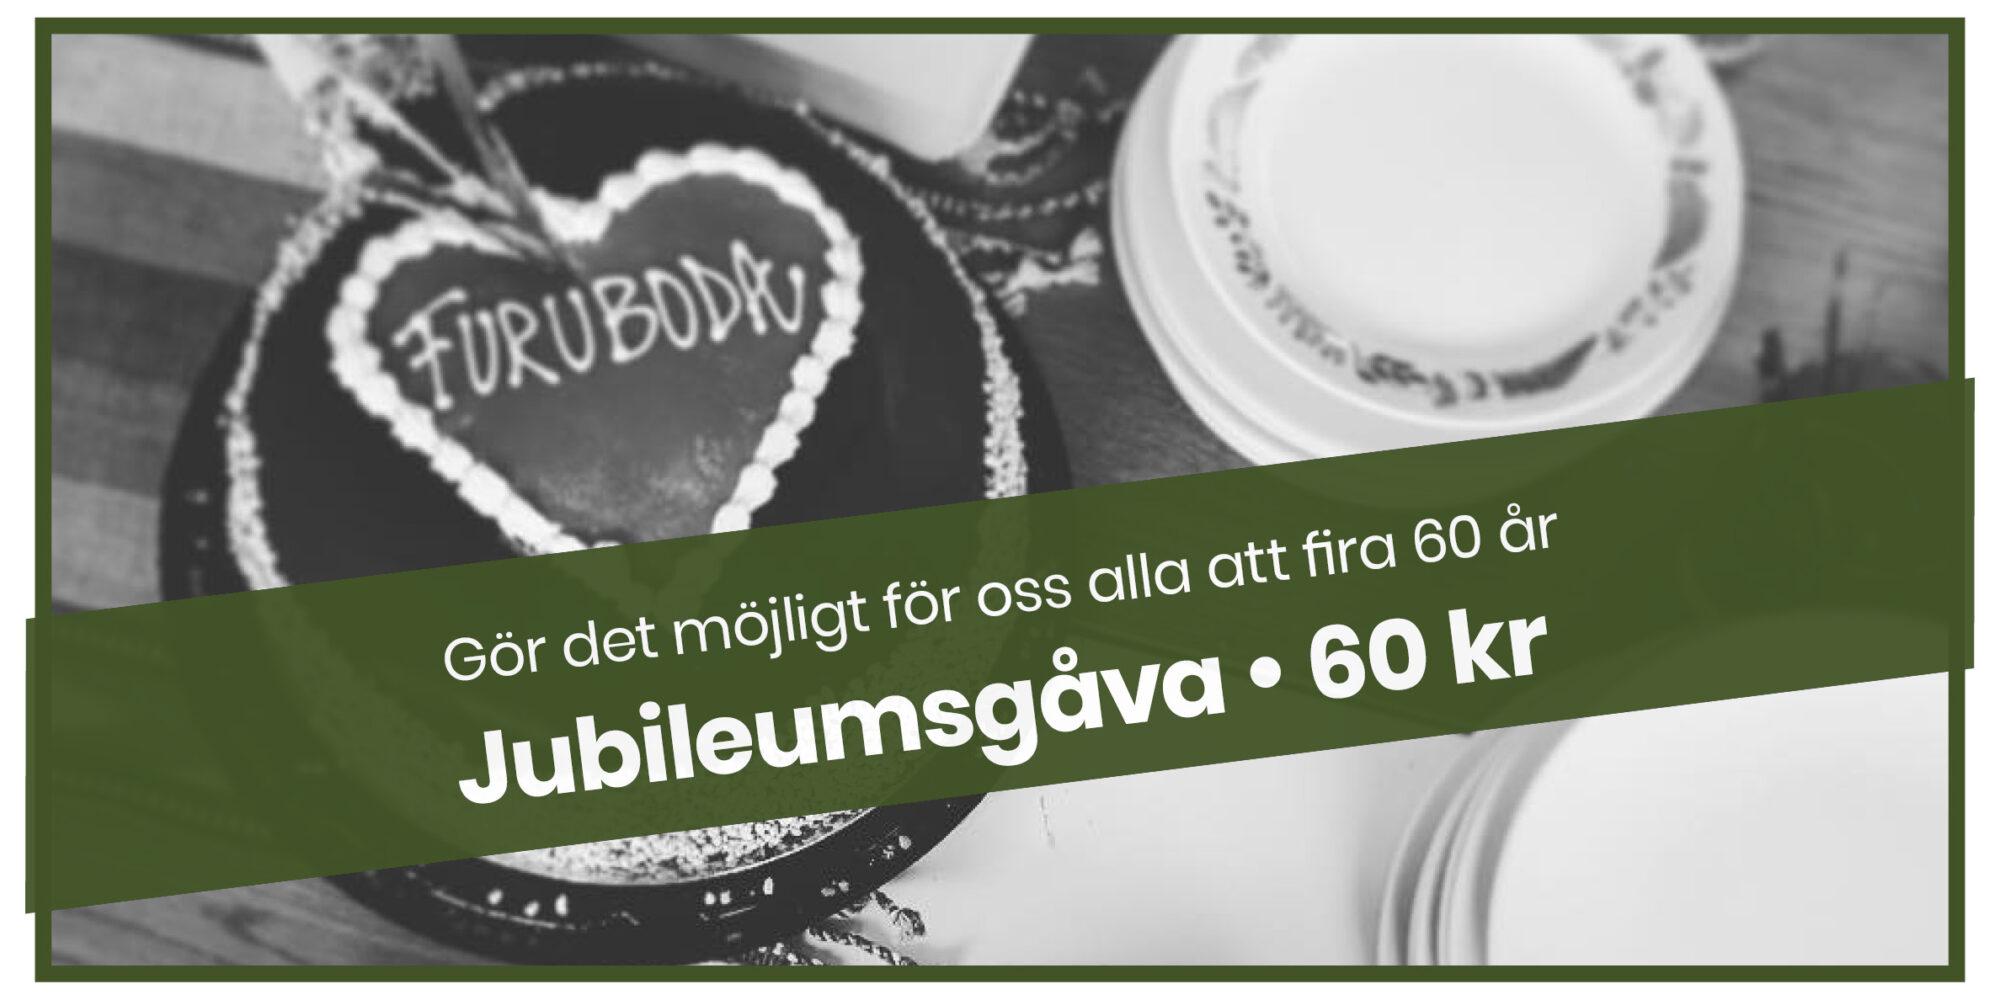 """En tårta med texten """"Furuboda"""" i en hjärtformad garnering. På bilden ett mörkgrönt band med texten """"Gör det möjligt för oss alla att fira 60 år. Jubileumsgåva 60 kr"""""""